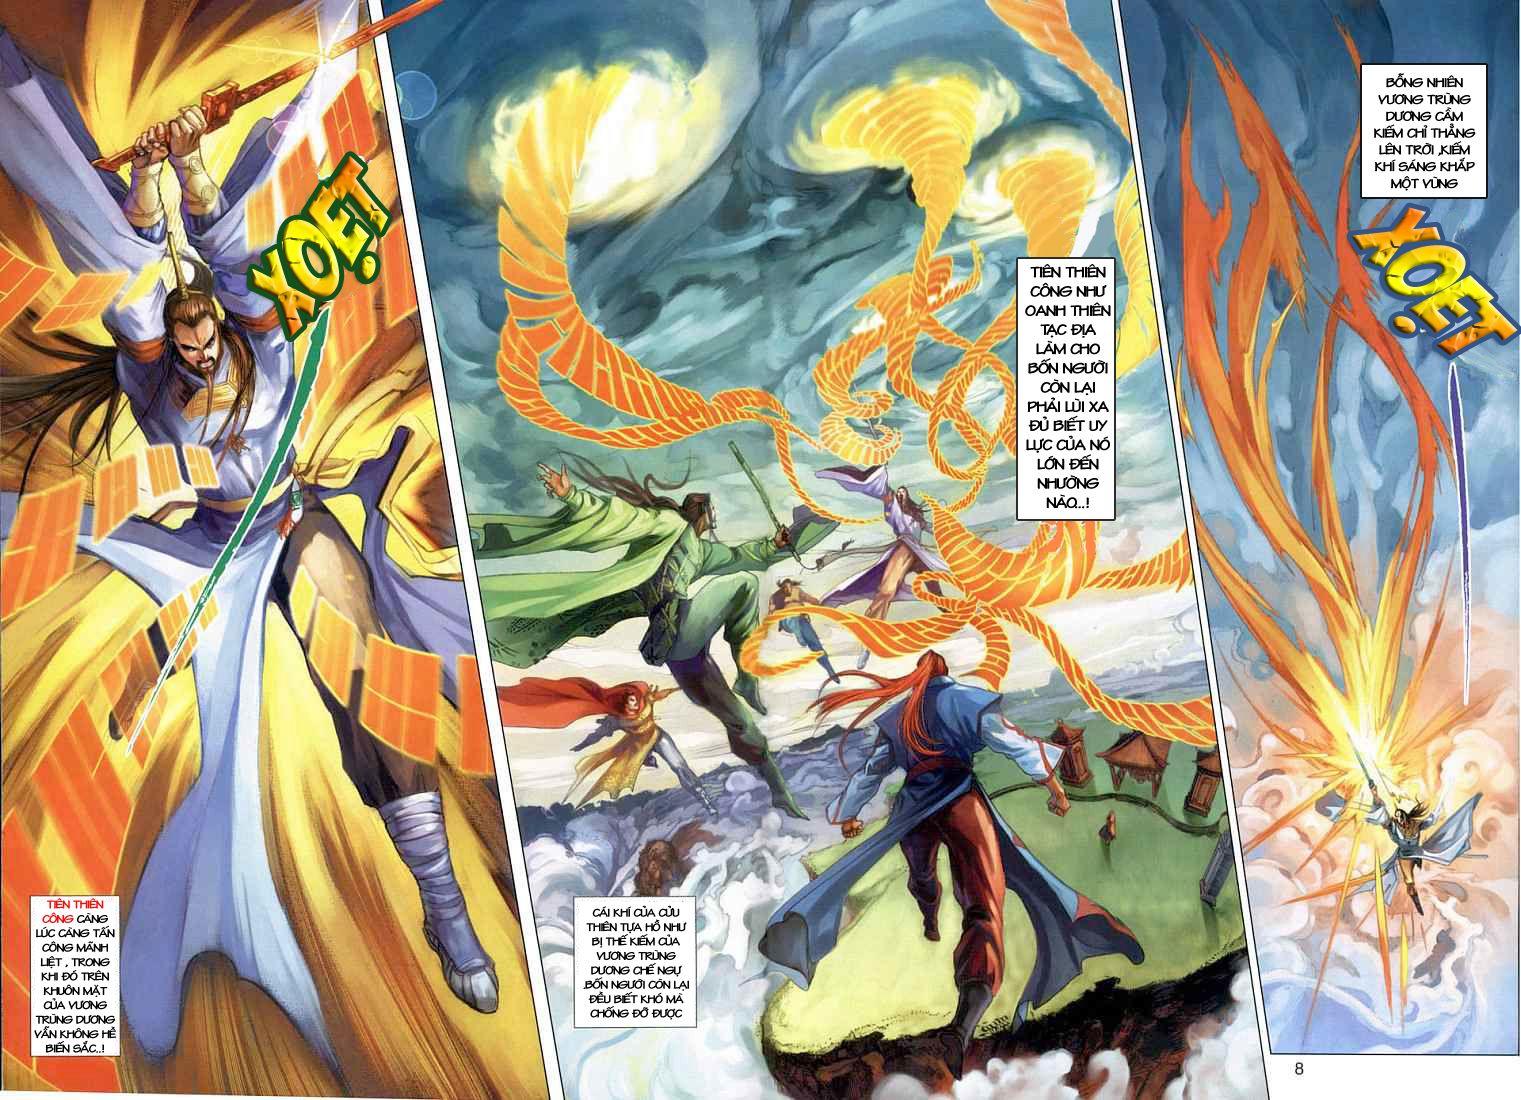 Anh Hùng Xạ Điêu anh hùng xạ đêu chap 1 trang 5